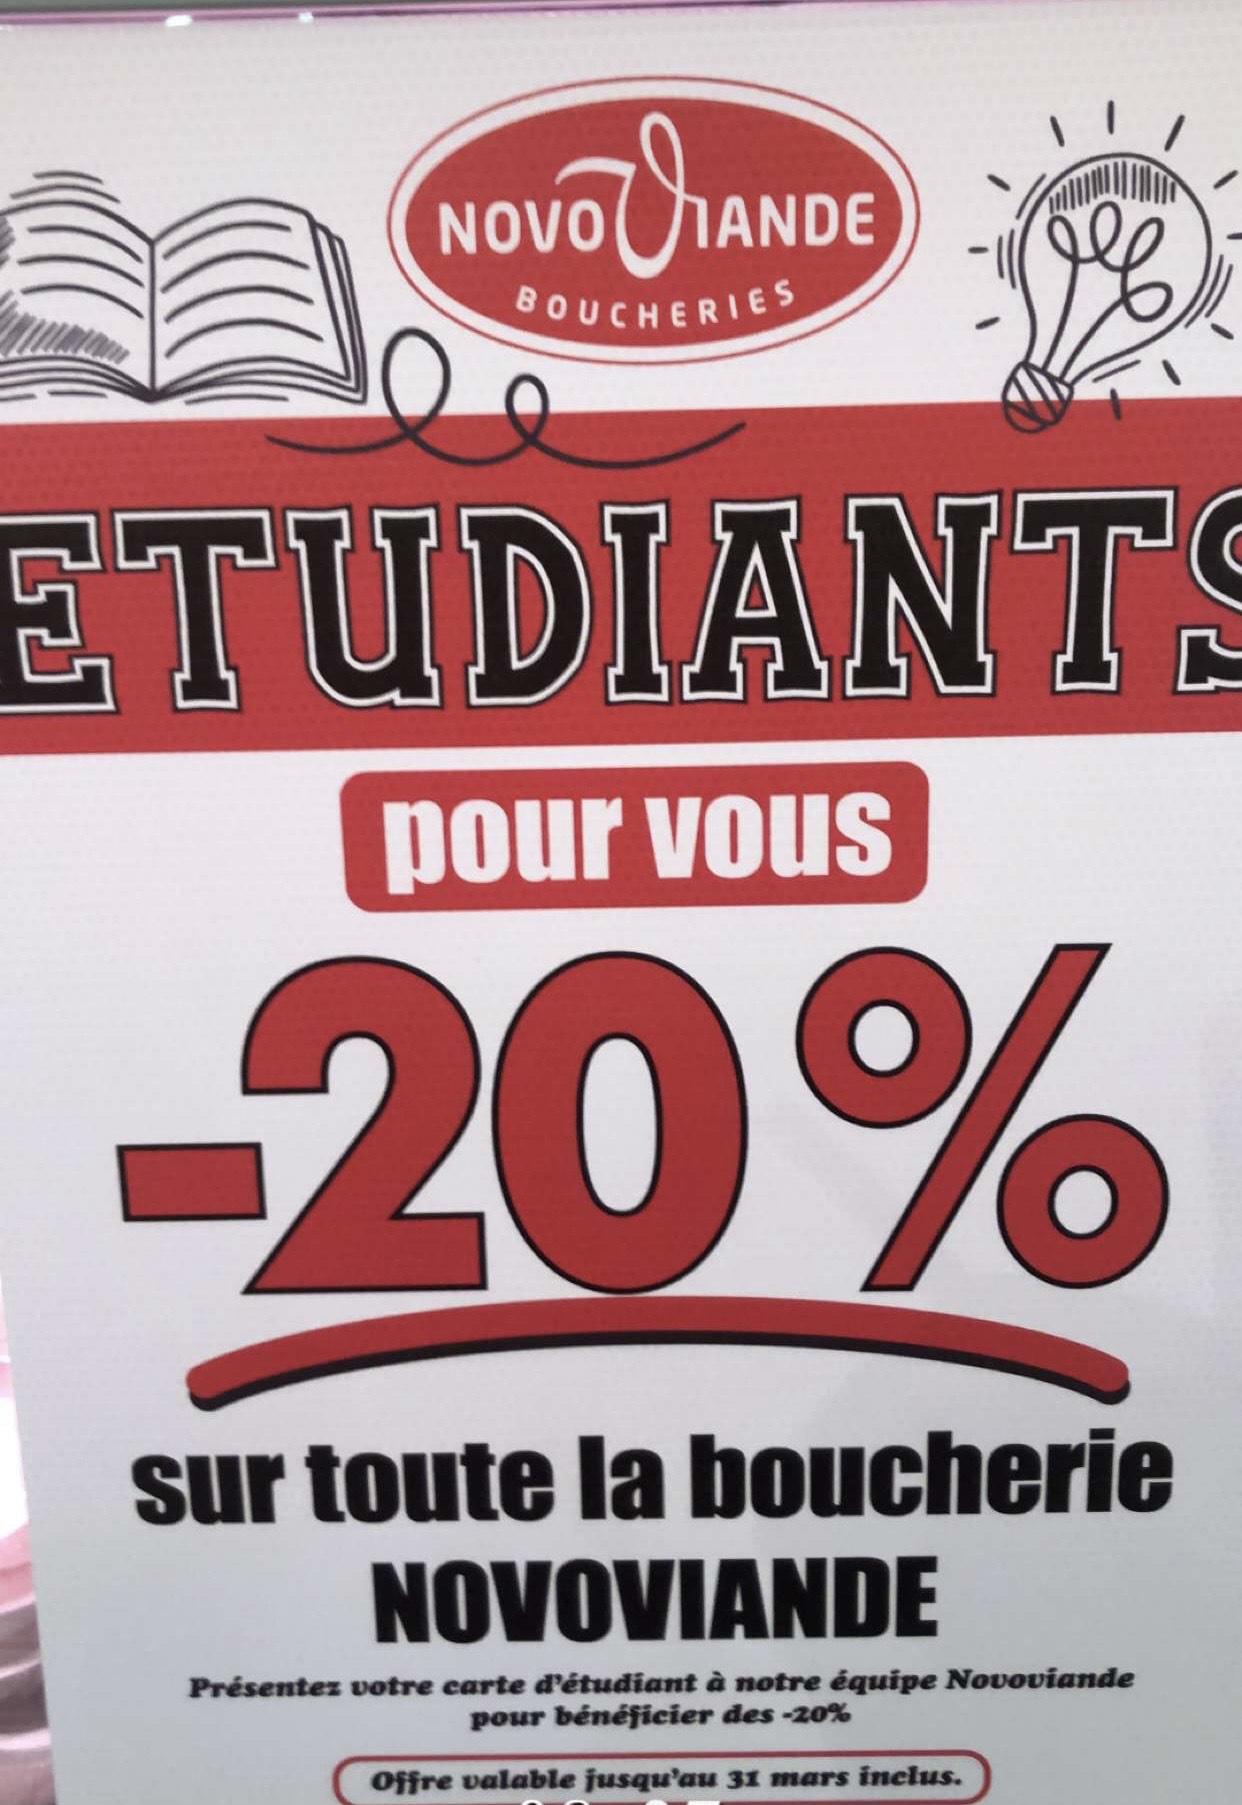 [Étudiants] 20% de réduction sur la boucherie Novoviande - Fresnes (94), Noisiel (94), Villepinte (93), Éragny-sur-Oise (95)